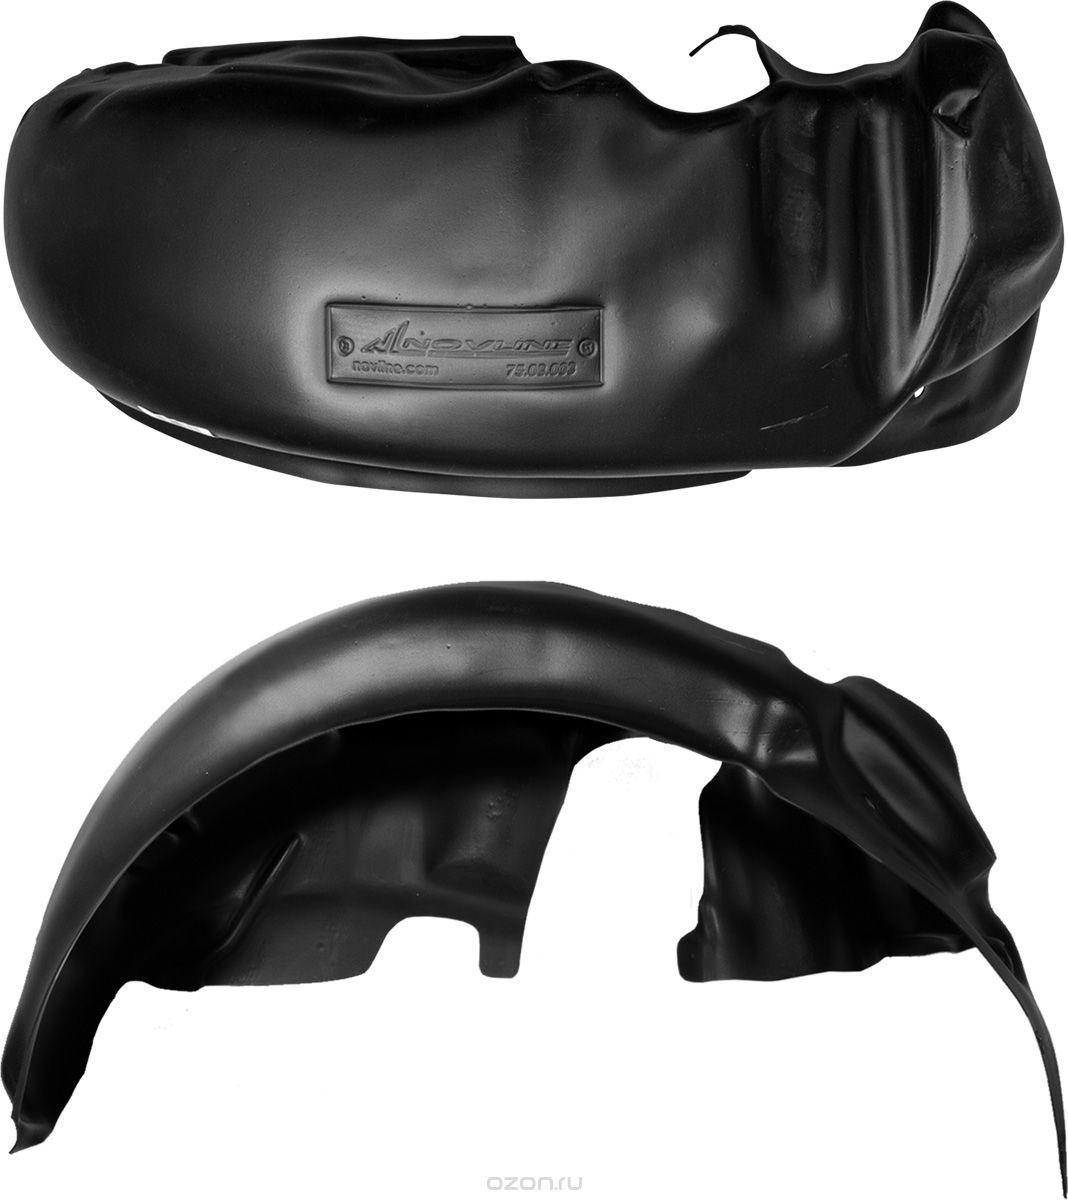 Подкрылок Novline-Autofamily, для FAW Besturn B50, 2012->, задний левый42803004Идеальная защита колесной ниши. Локеры разработаны с применением цифровых технологий, гарантируют максимальную повторяемость поверхности арки. Изделия устанавливаются без нарушения лакокрасочного покрытия автомобиля, каждый подкрылок комплектуется крепежом. Уважаемые клиенты, обращаем ваше внимание, что фотографии на подкрылки универсальные и не отражают реальную форму изделия. При этом само изделие идет точно под размер указанного автомобиля.